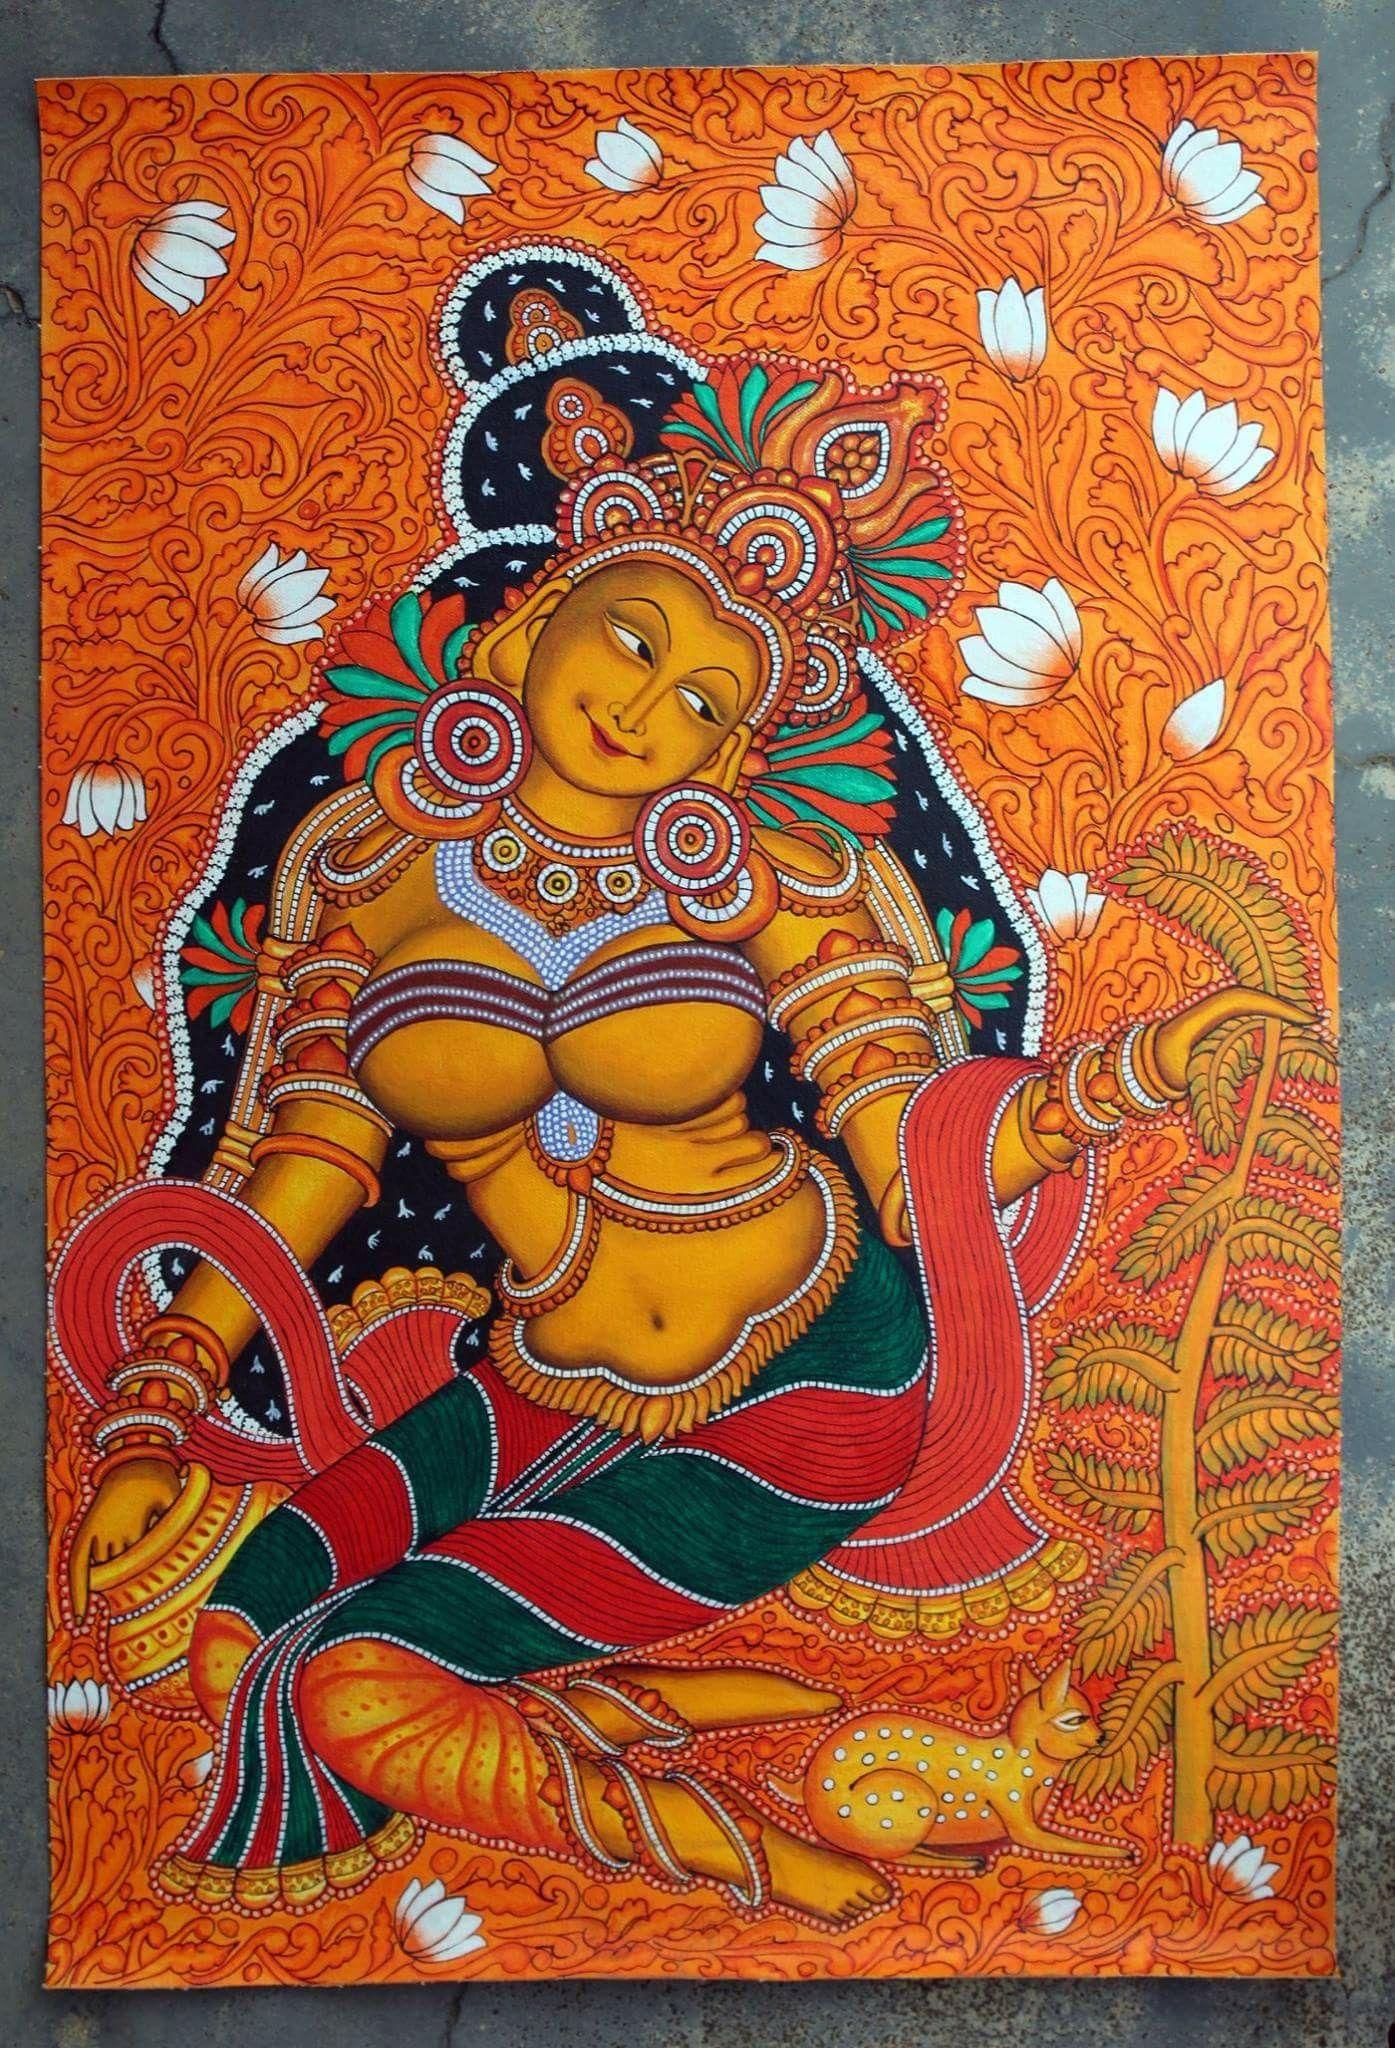 Pin by Ashwini Krishna on Mural in 2019 | Kerala mural ...  Pin by Ashwini ...